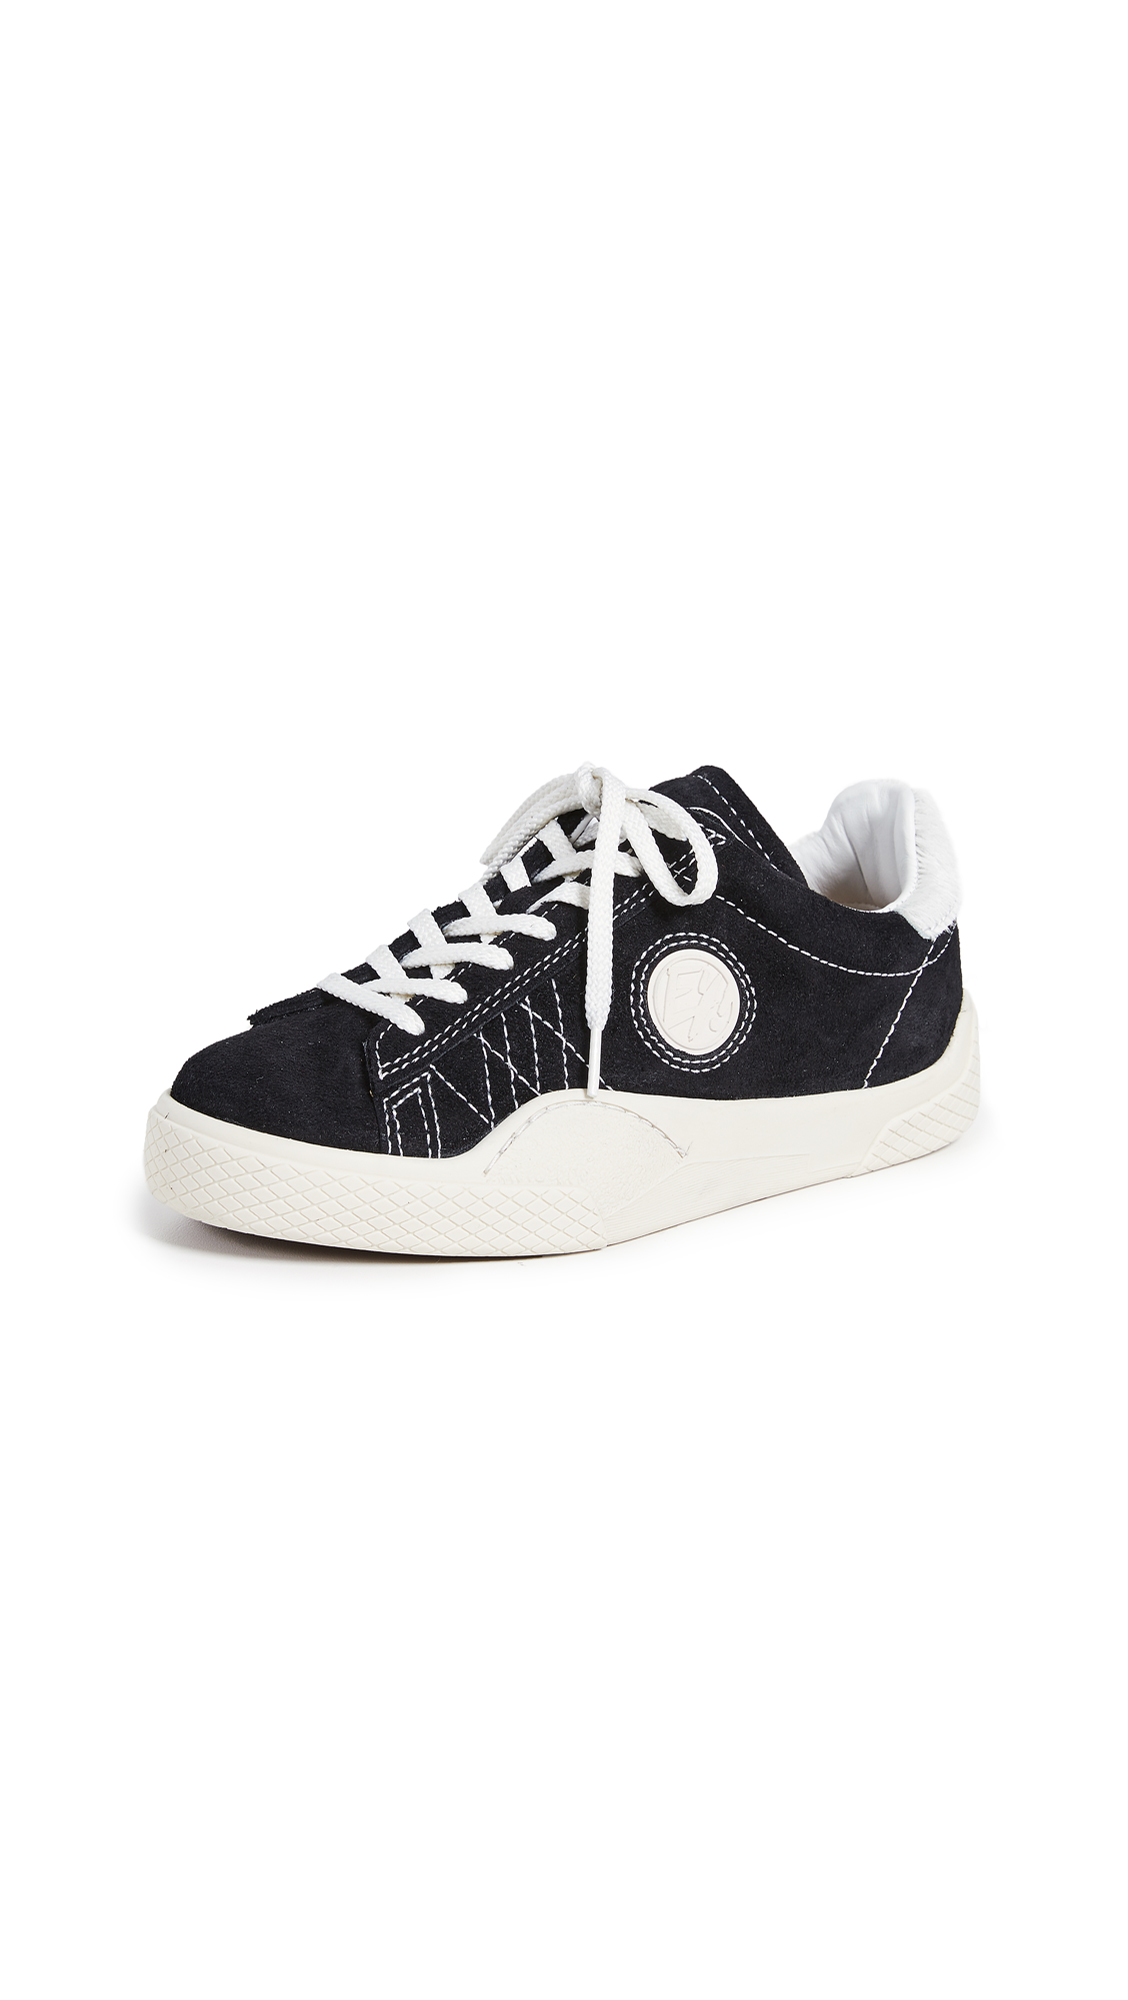 Eytys Wave Suede Sneakers - Black